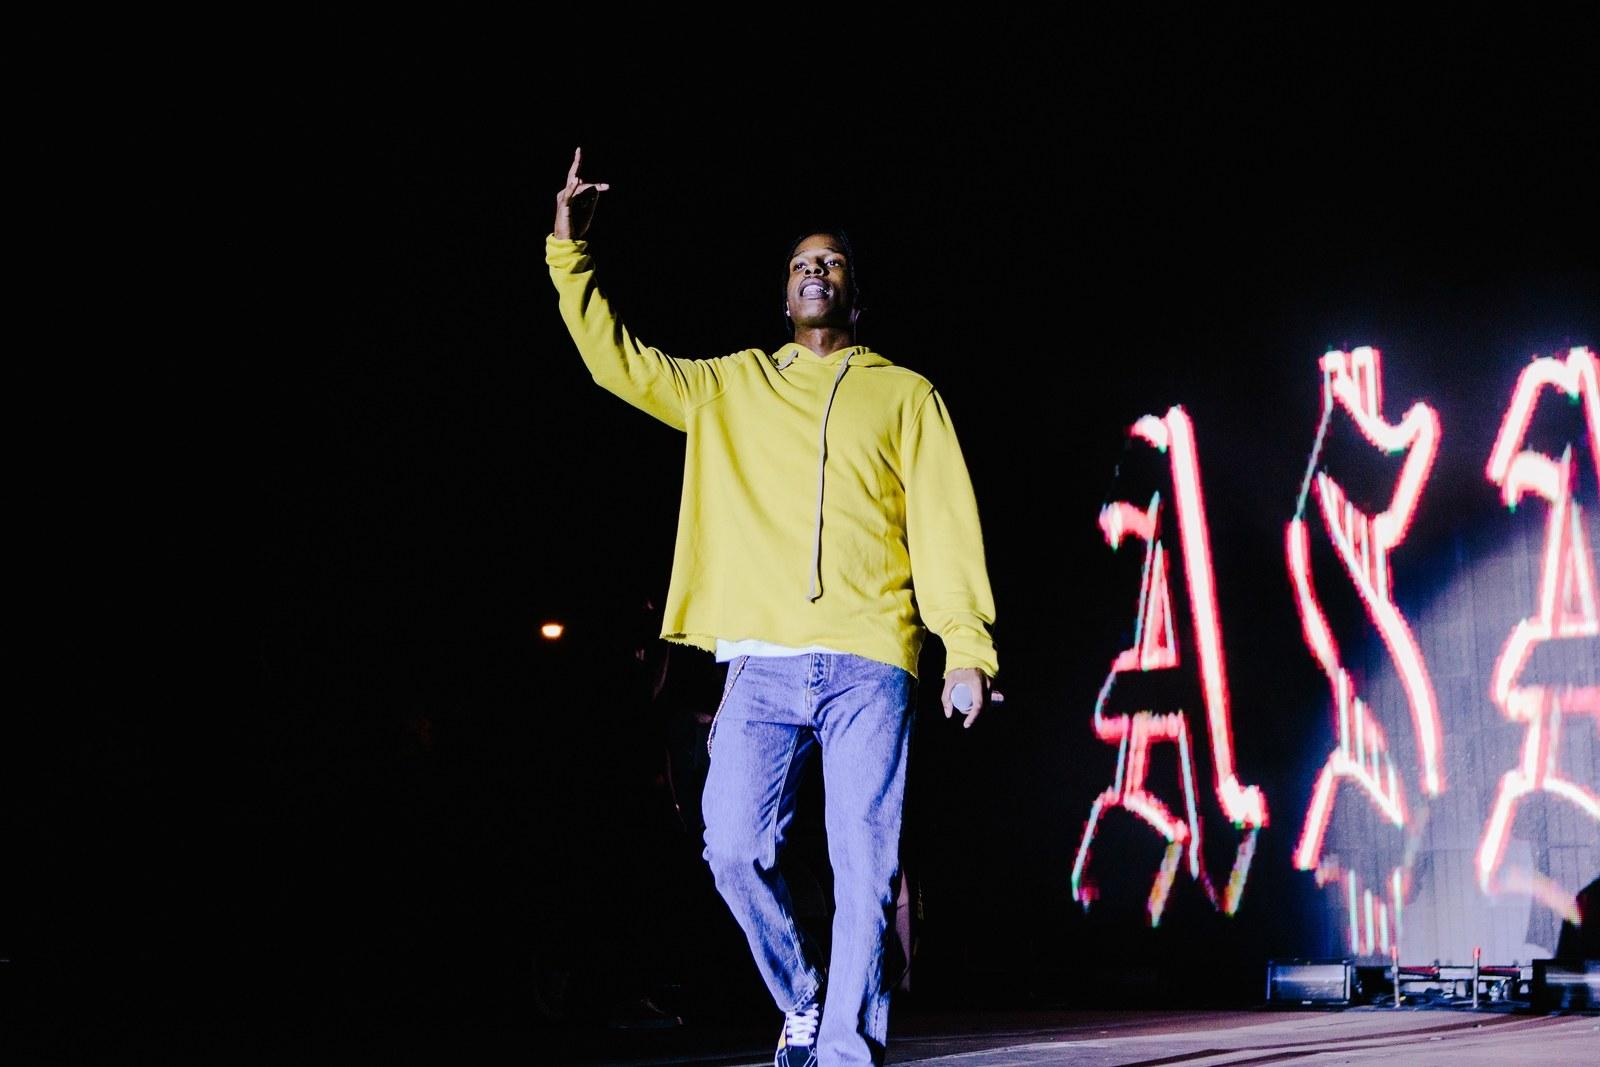 Unsere Community richtet über die A$AP Rocky-Affäre